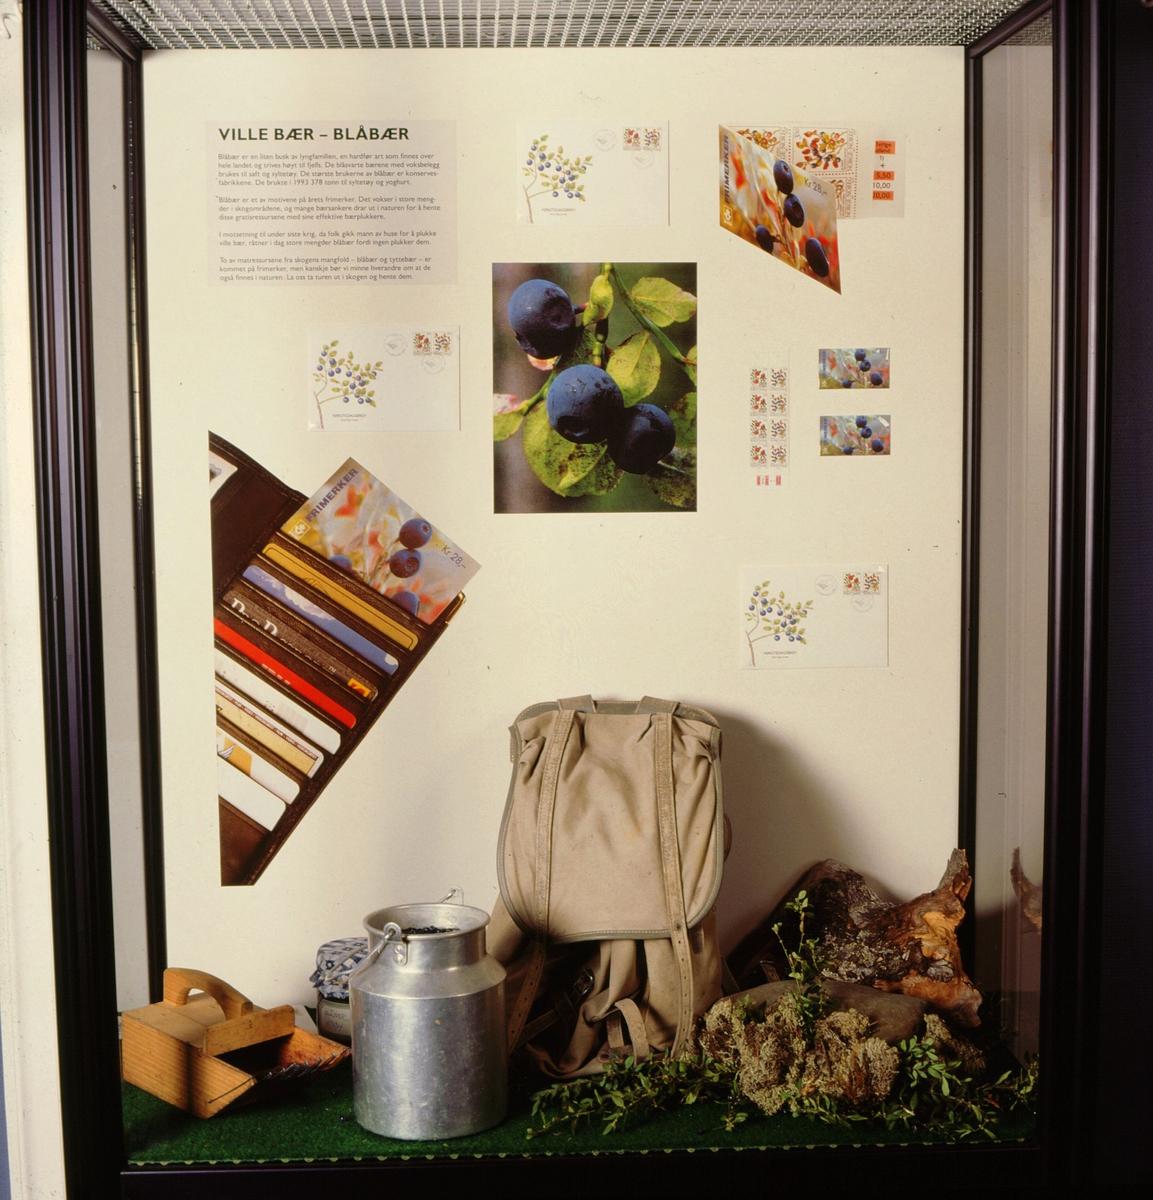 postmuseet, Kirkegata 20, utstilling, frimerker, NK 1224, skogsbær, blåbær, 23. februar 1995, bærplukker, spann, ryggsekk